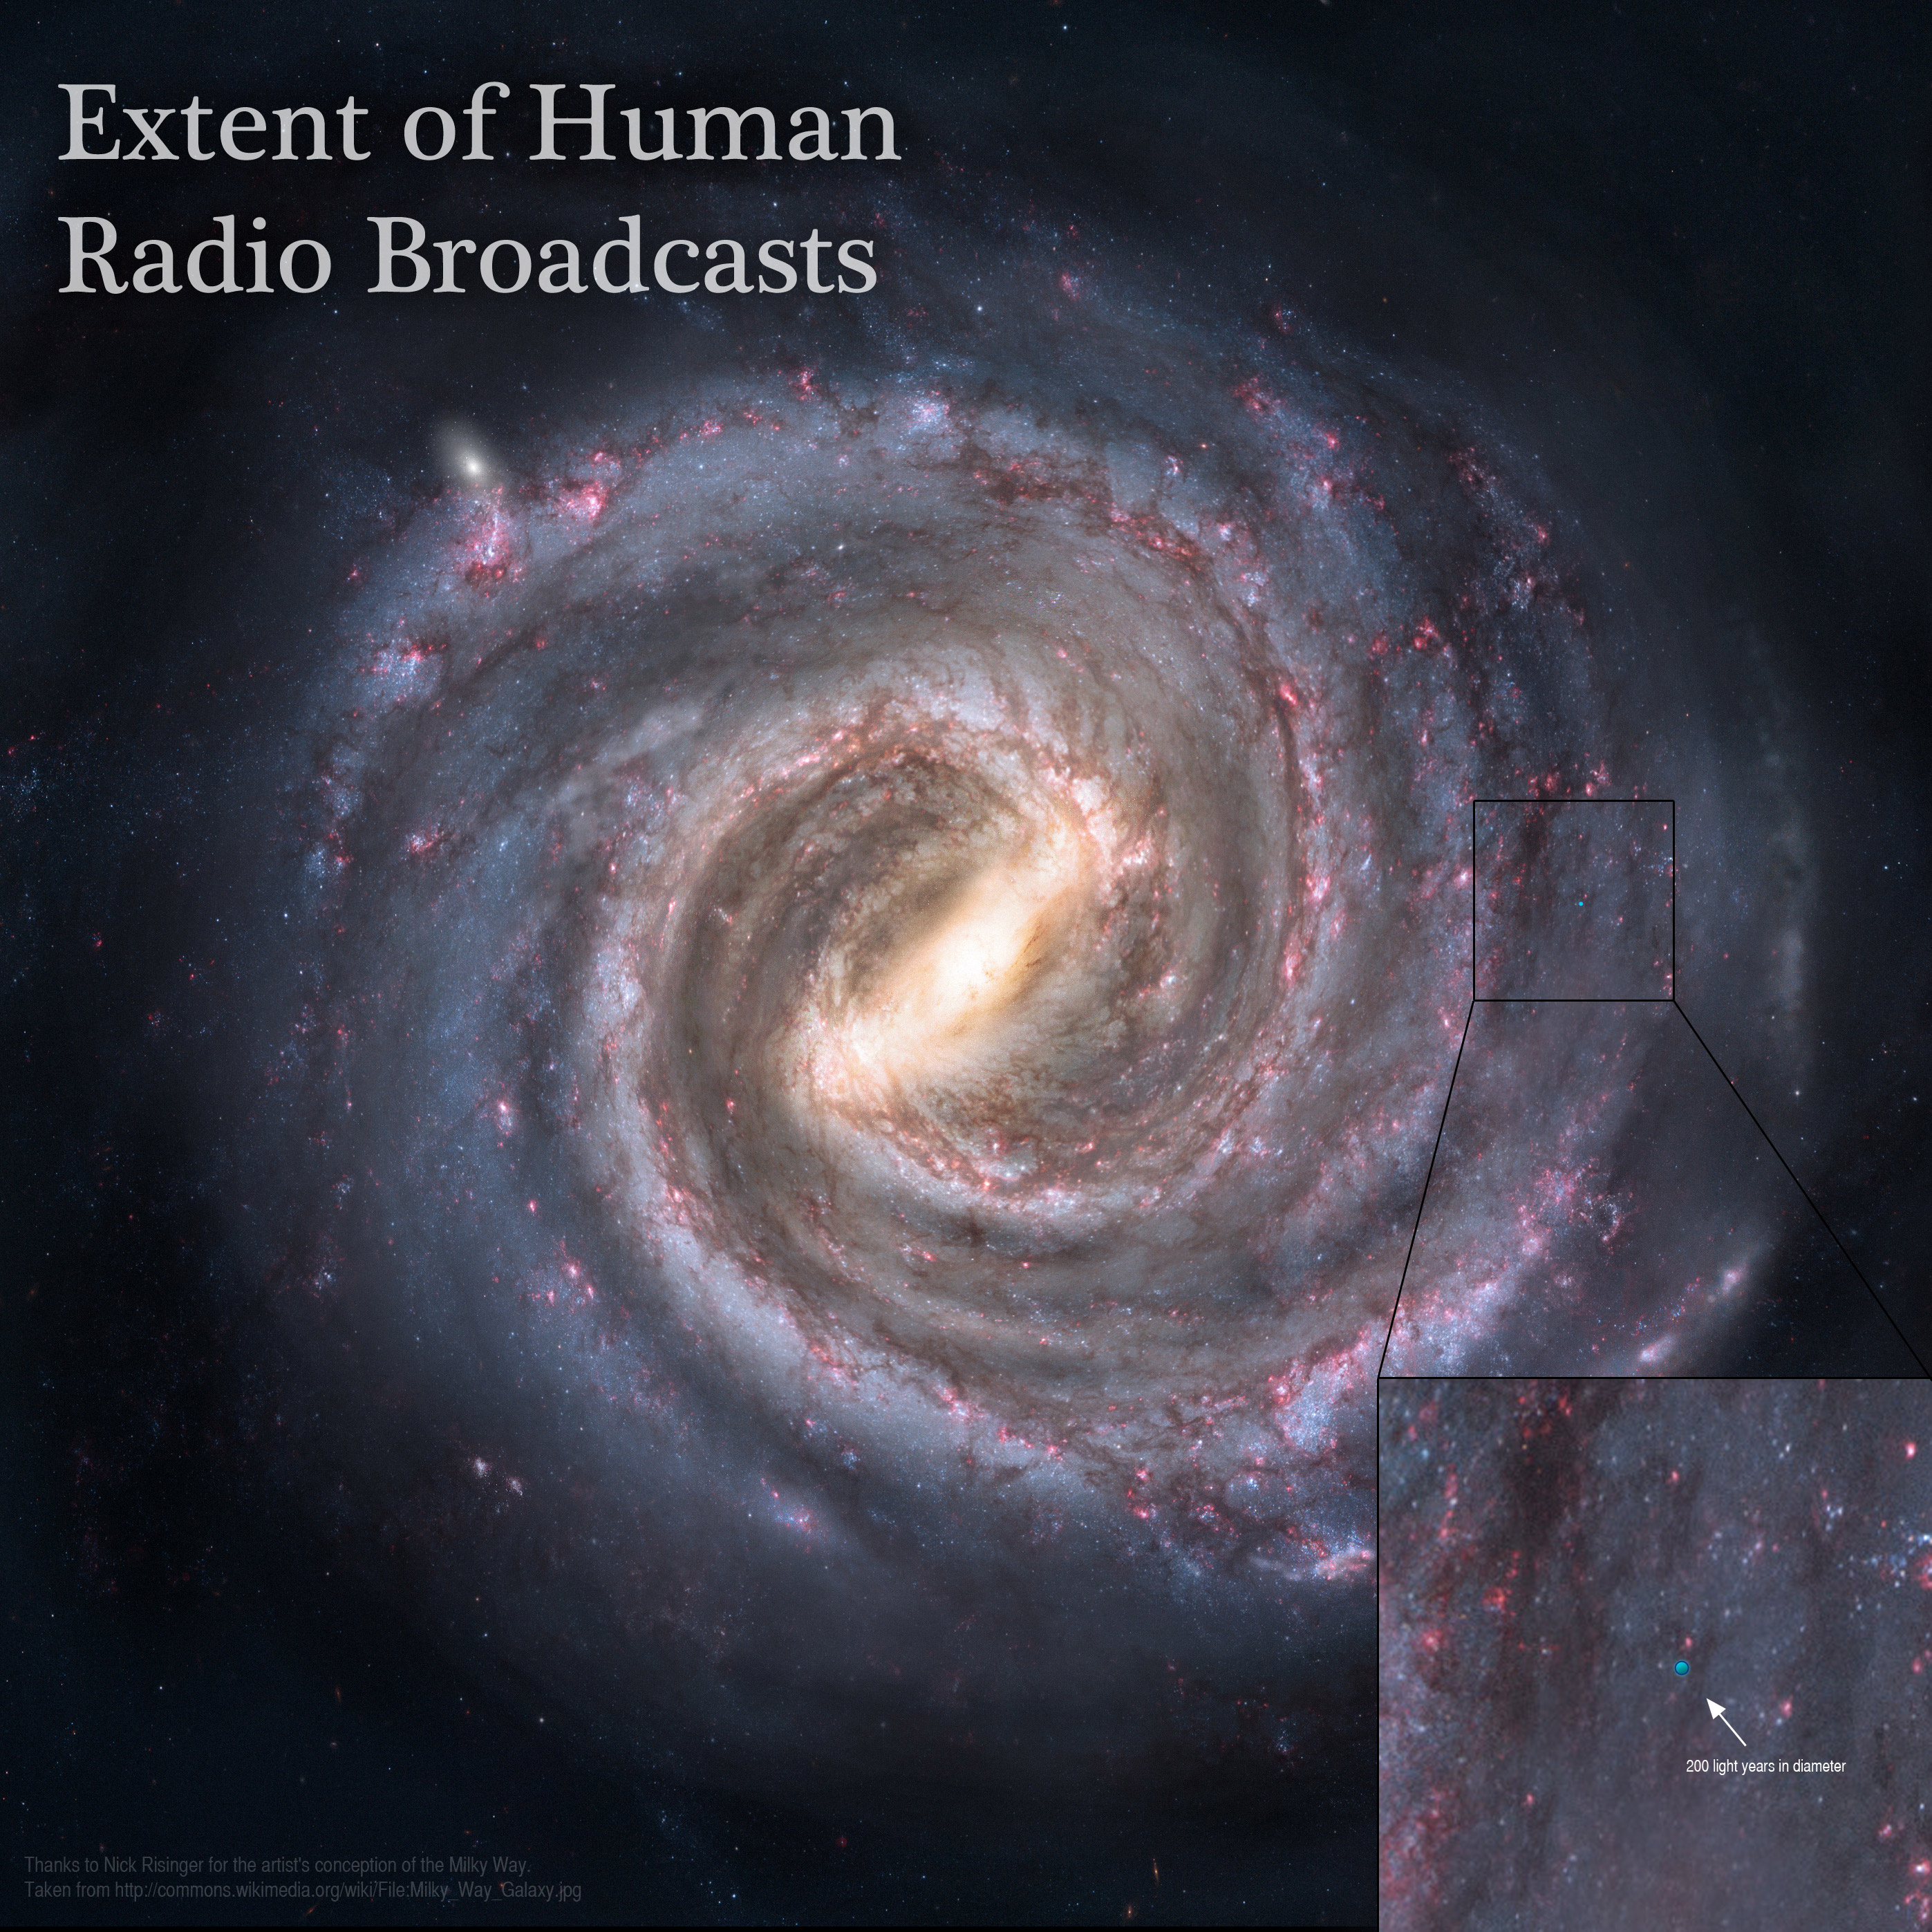 [HILO GENERAL] Hablemos de... Astronomía - Página 4 Radio_broadcasts